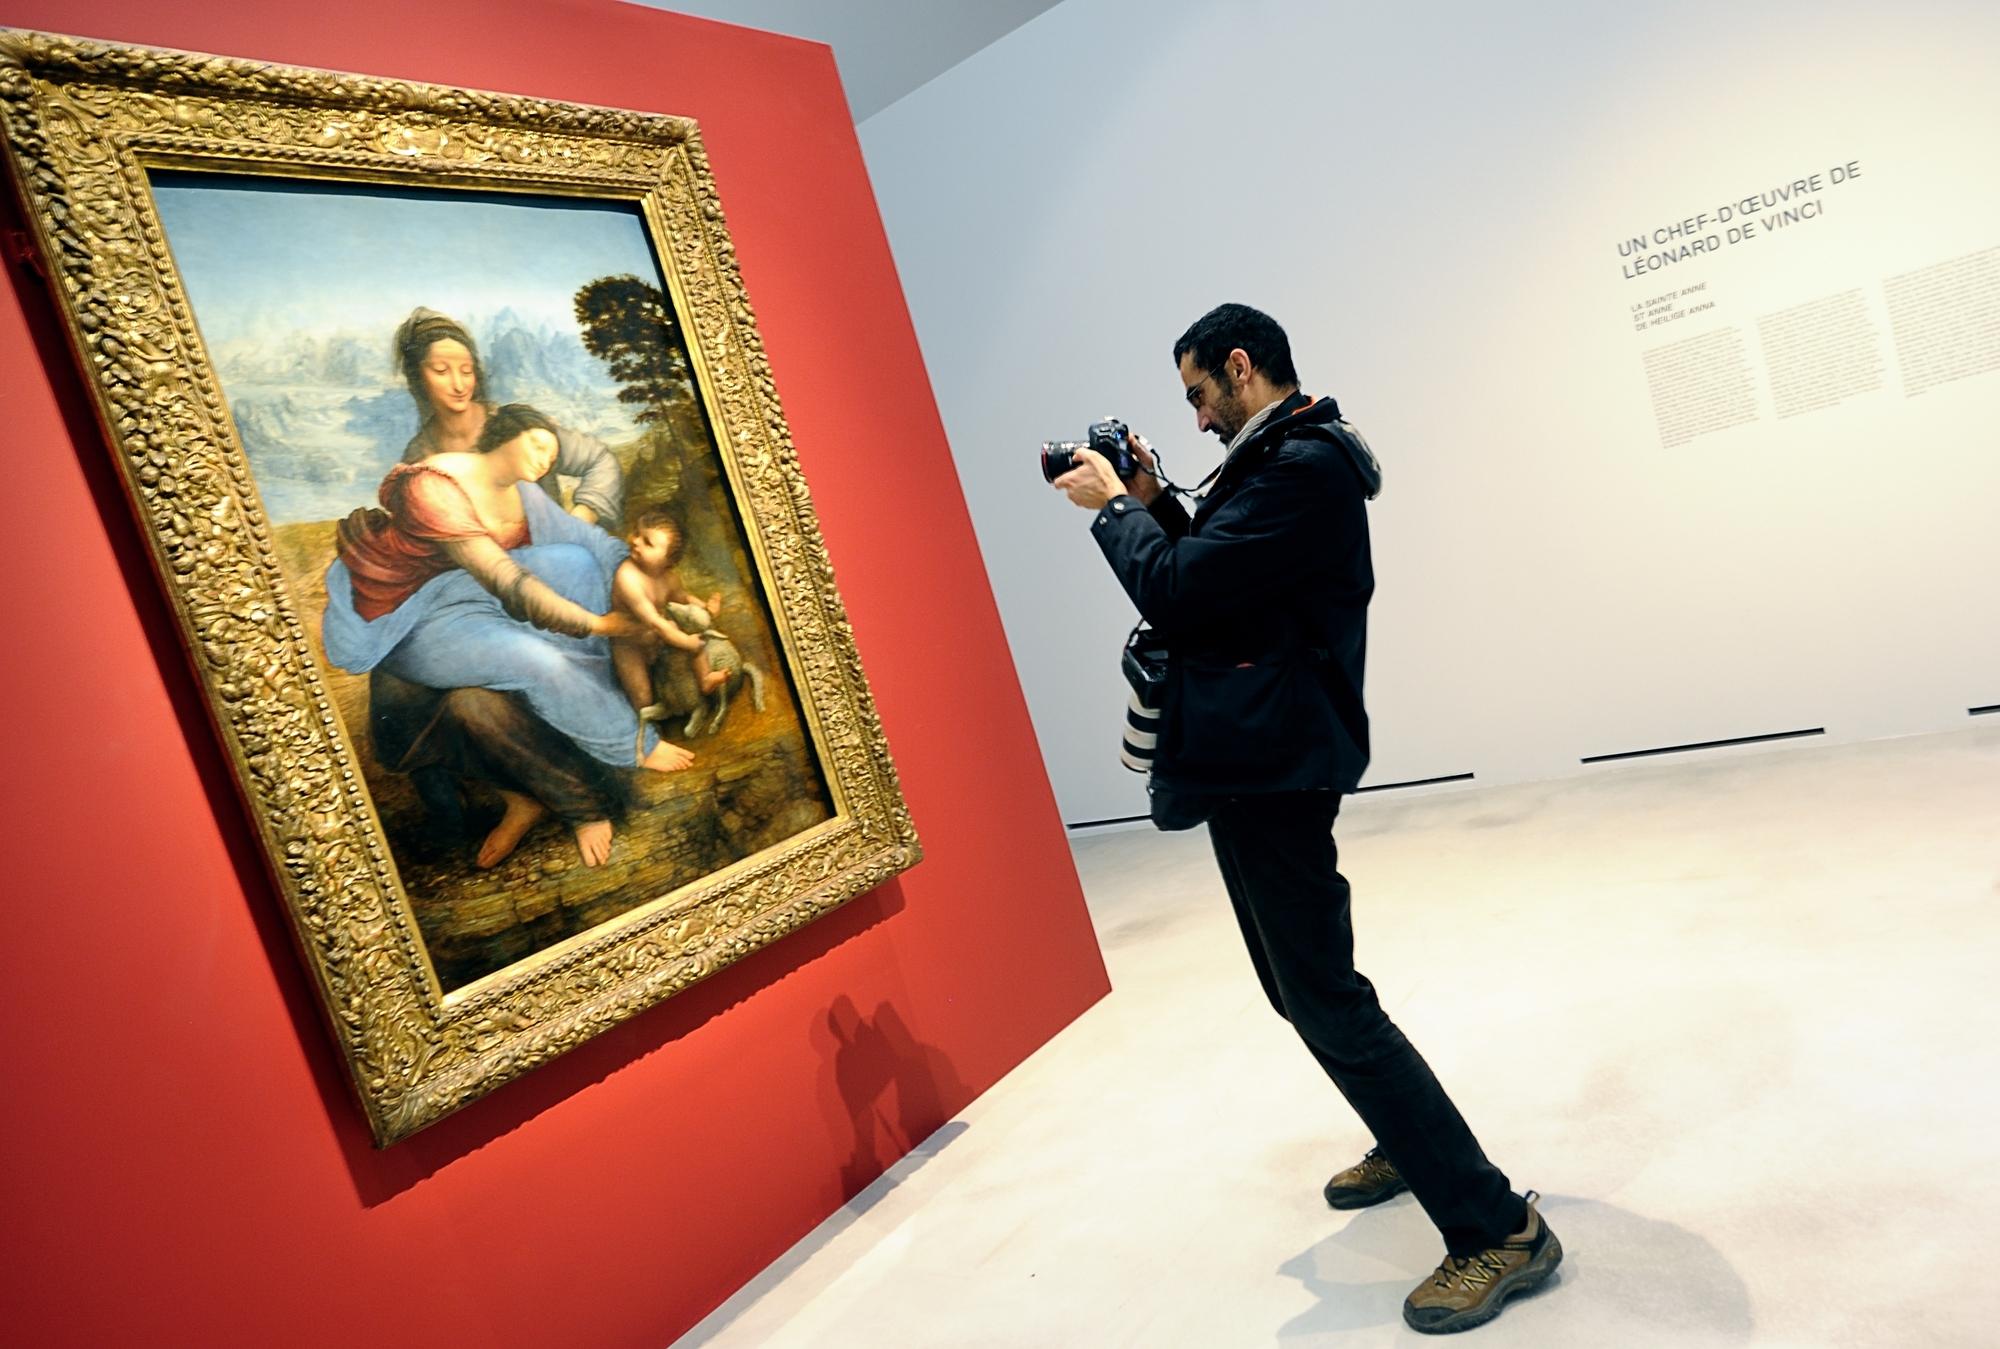 Governo italiano dá 500 euros a jovens para gastarem em cultura